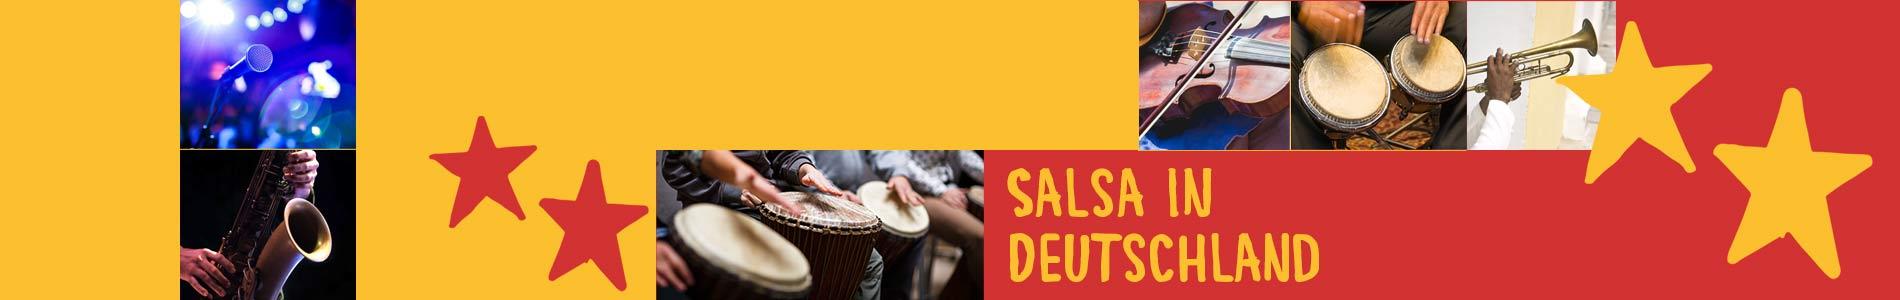 Salsa in Buchdorf – Salsa lernen und tanzen, Tanzkurse, Partys, Veranstaltungen